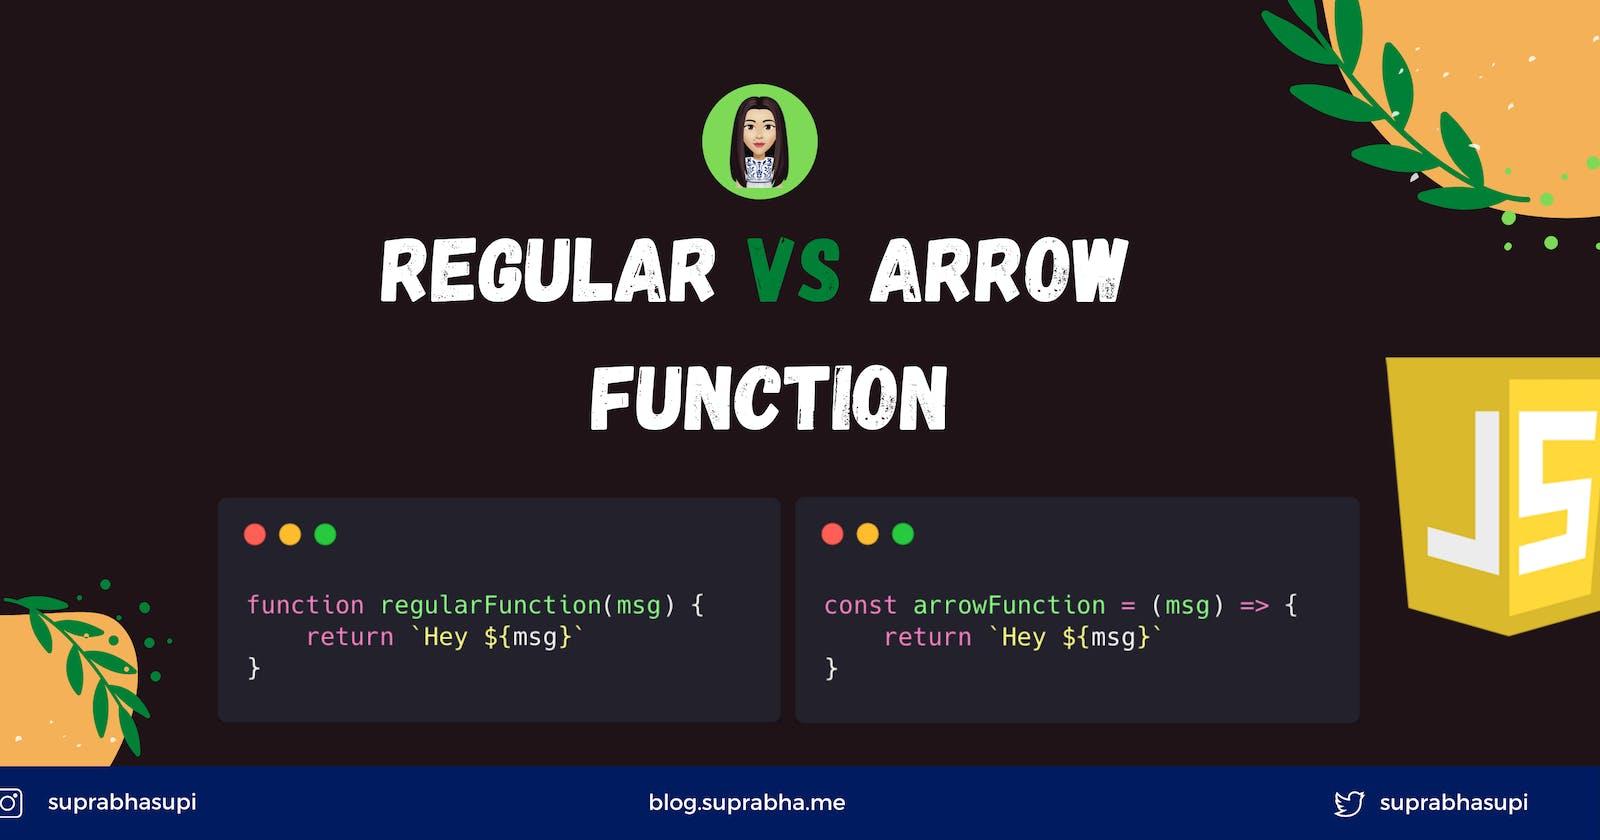 Regular vs Arrow Function